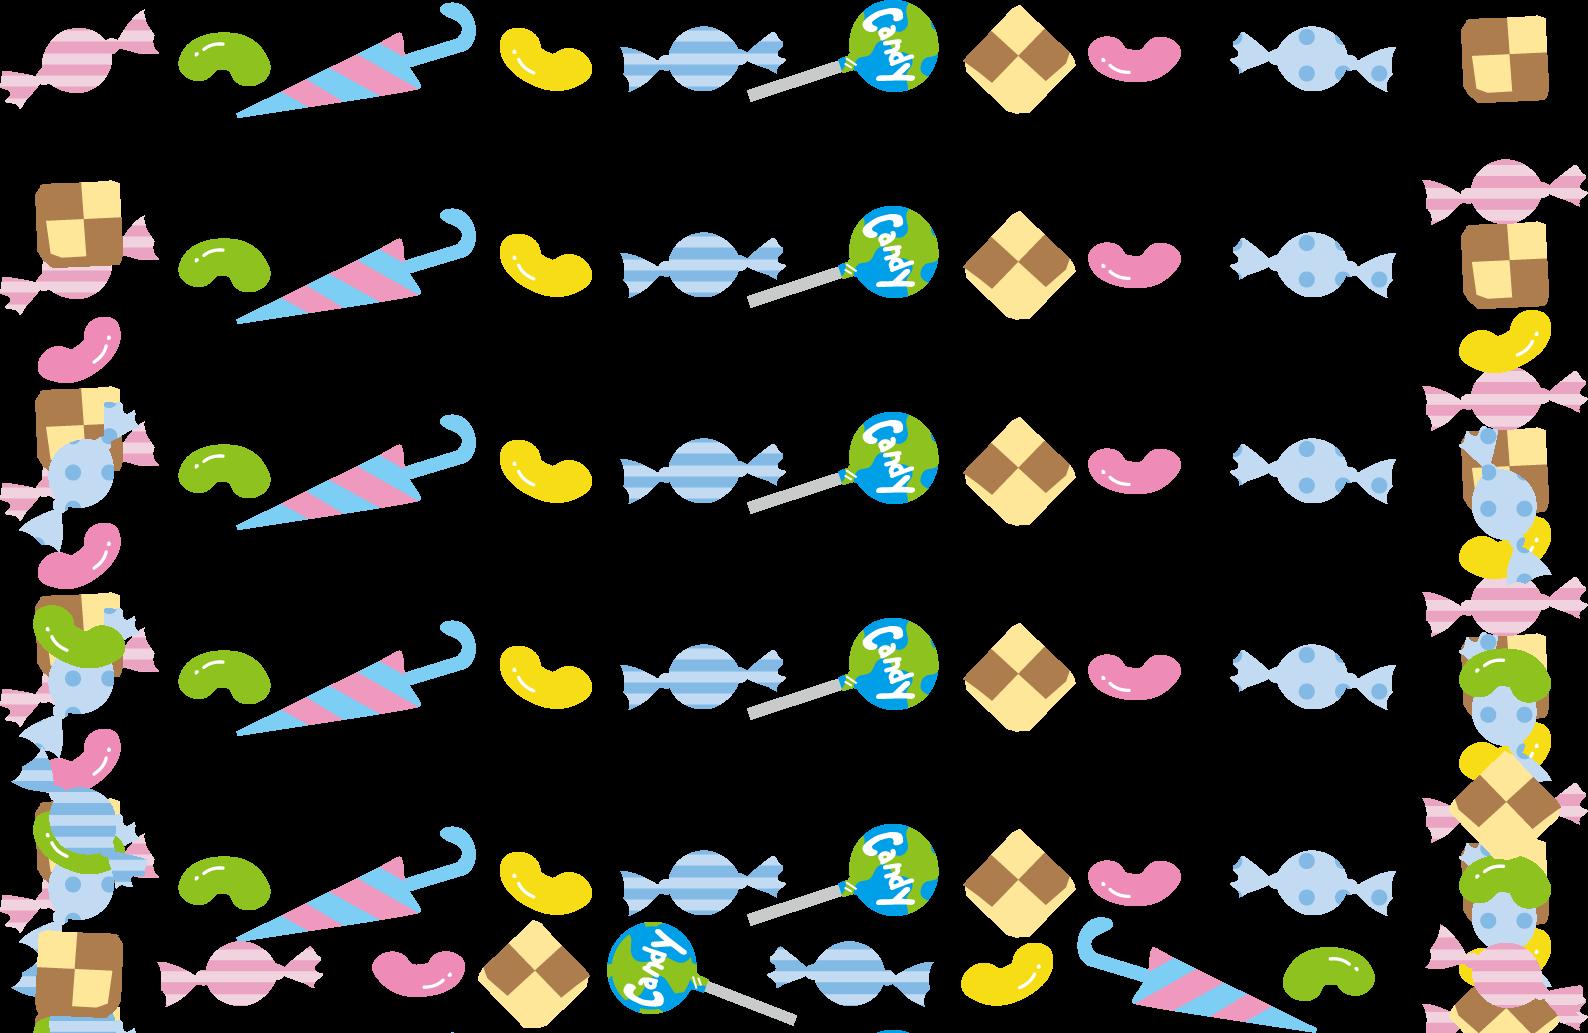 お菓子イラスト(お菓子すくい)無料イラスト